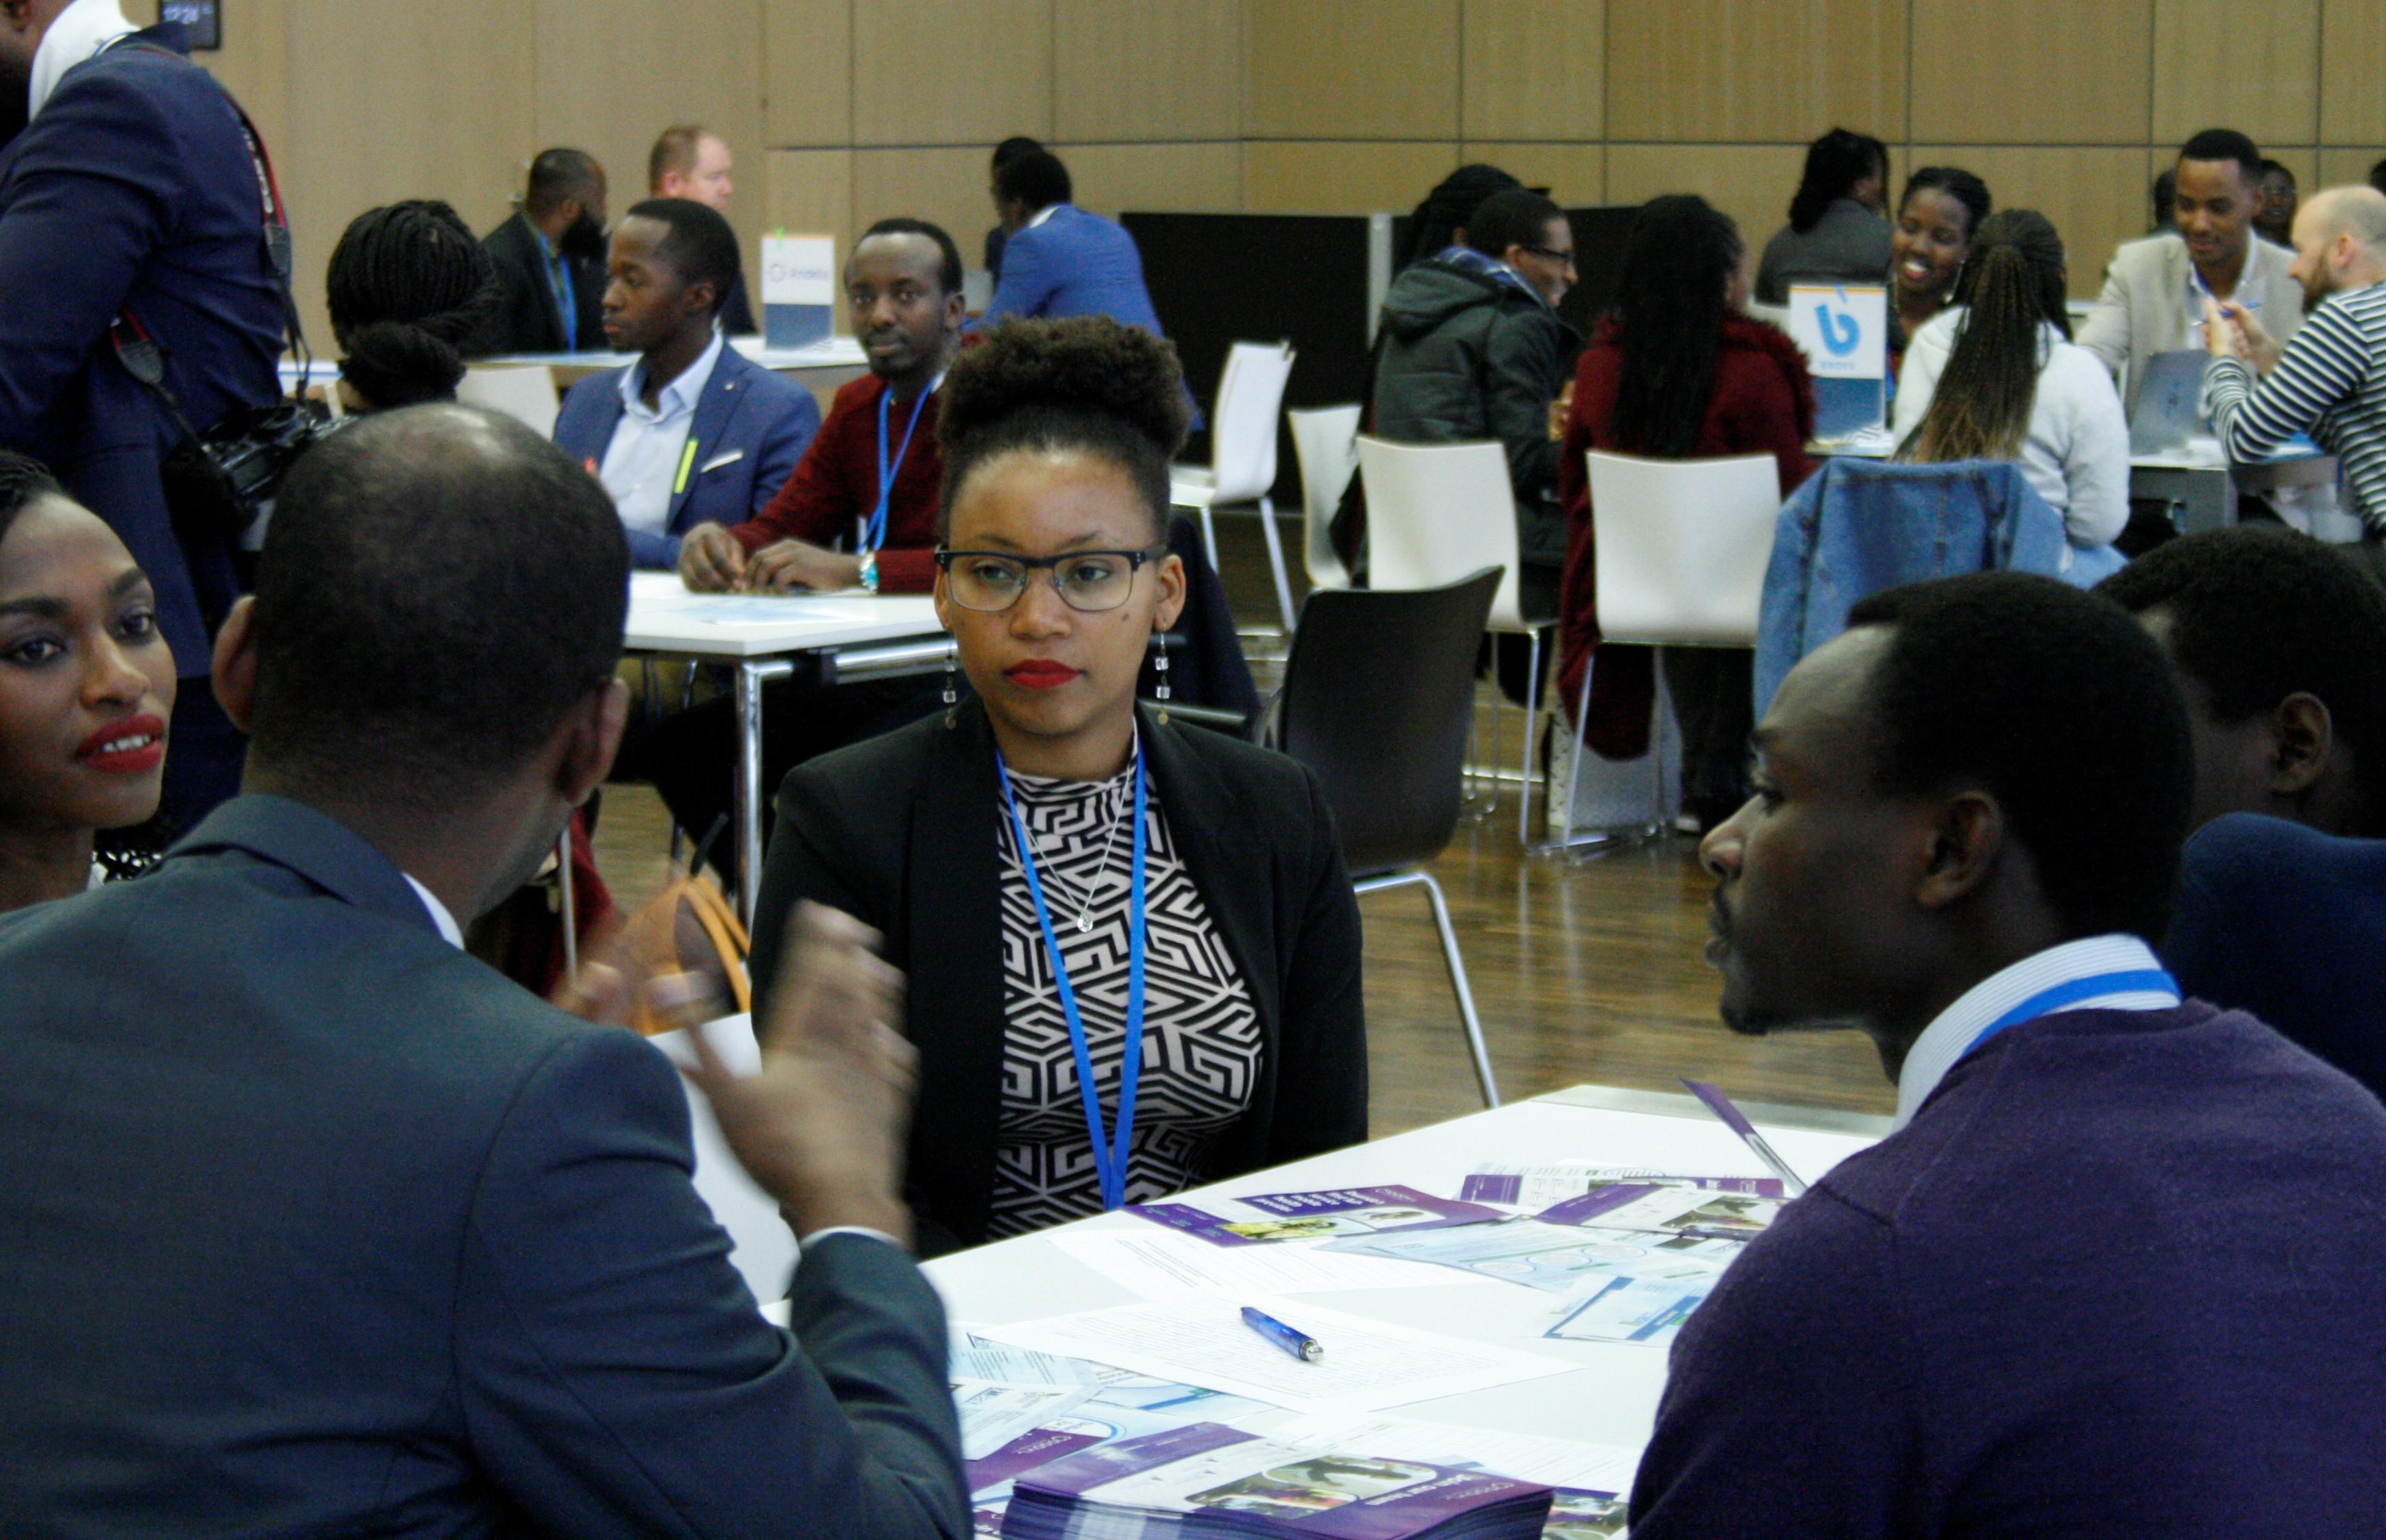 """Rencontres entre professionnels au cours de """"speed-dating"""", nouveauté de ce Rwanda Day 2019 (Bonn, Allemagne)"""